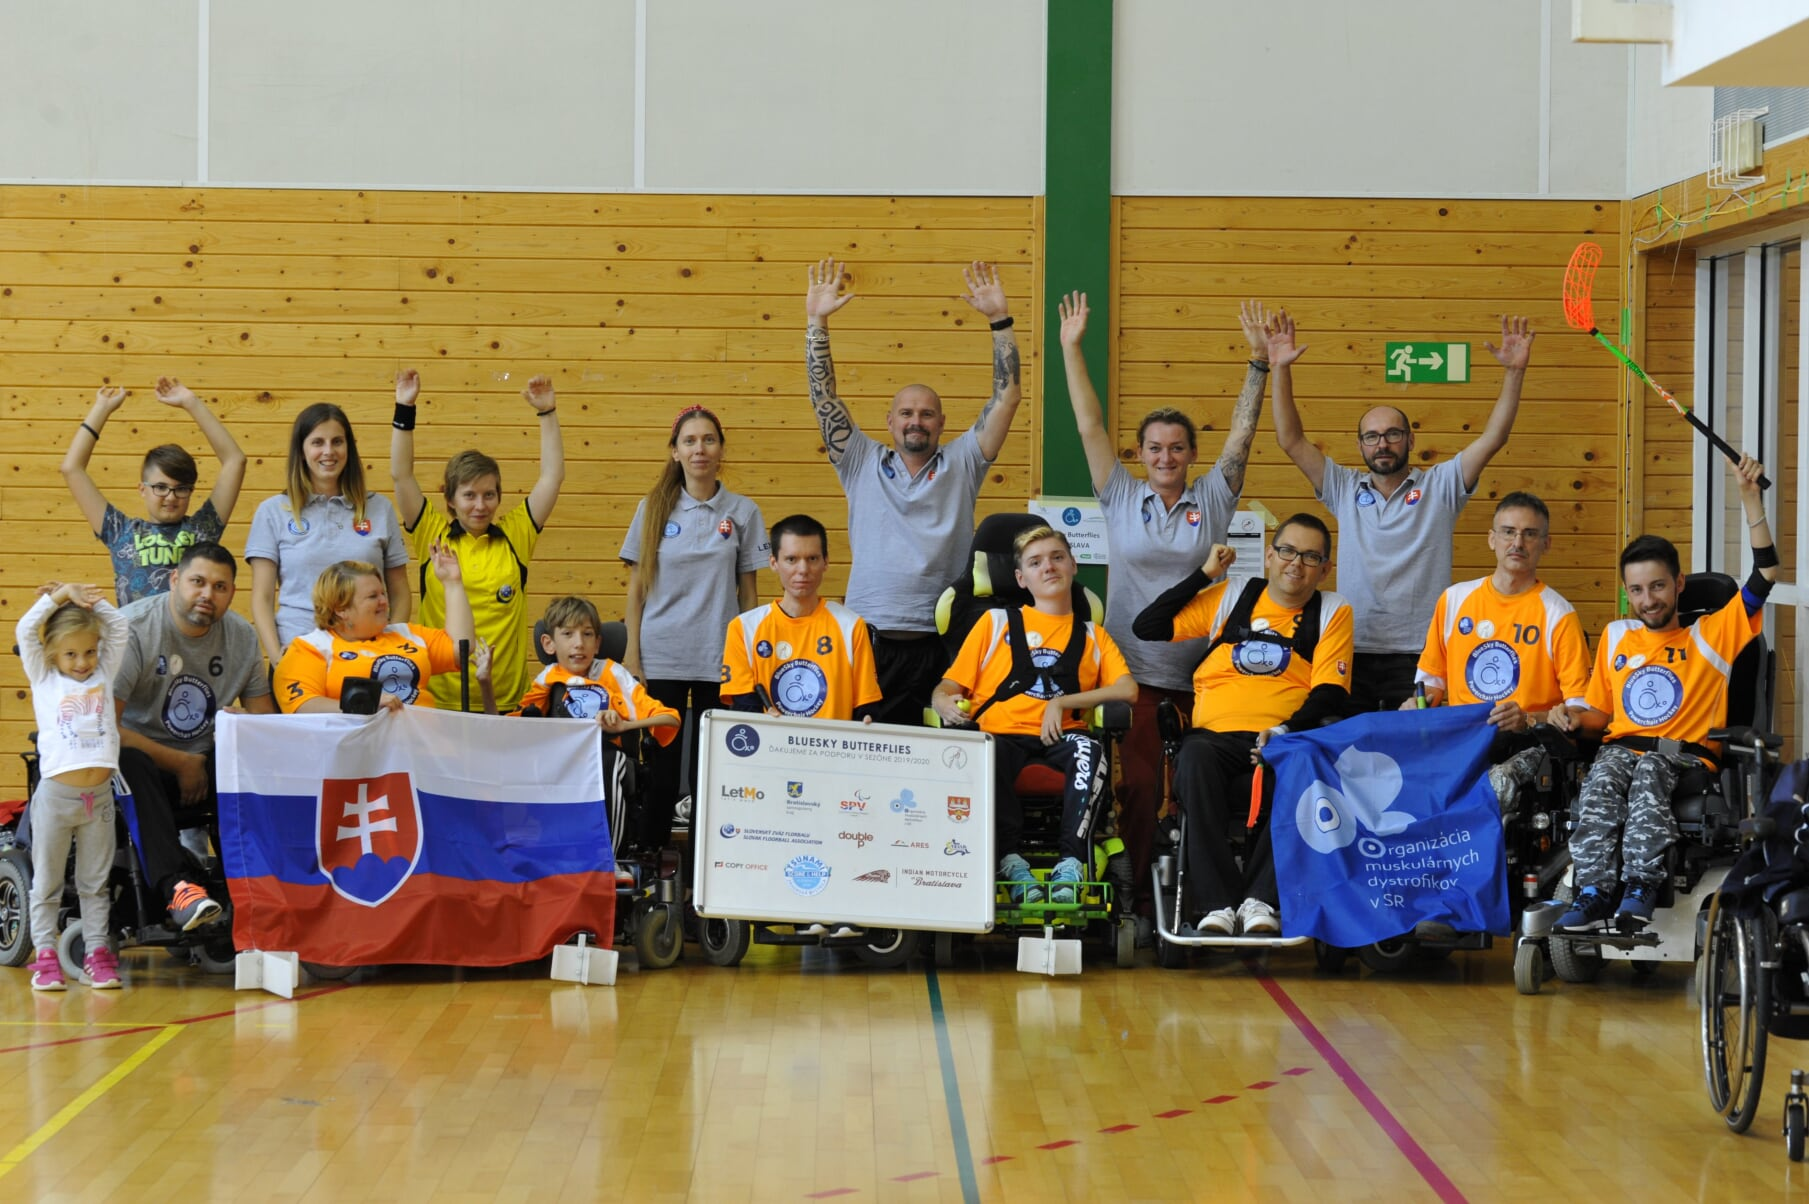 Ligová soutěž odstartována. Poprvé se Slováky.